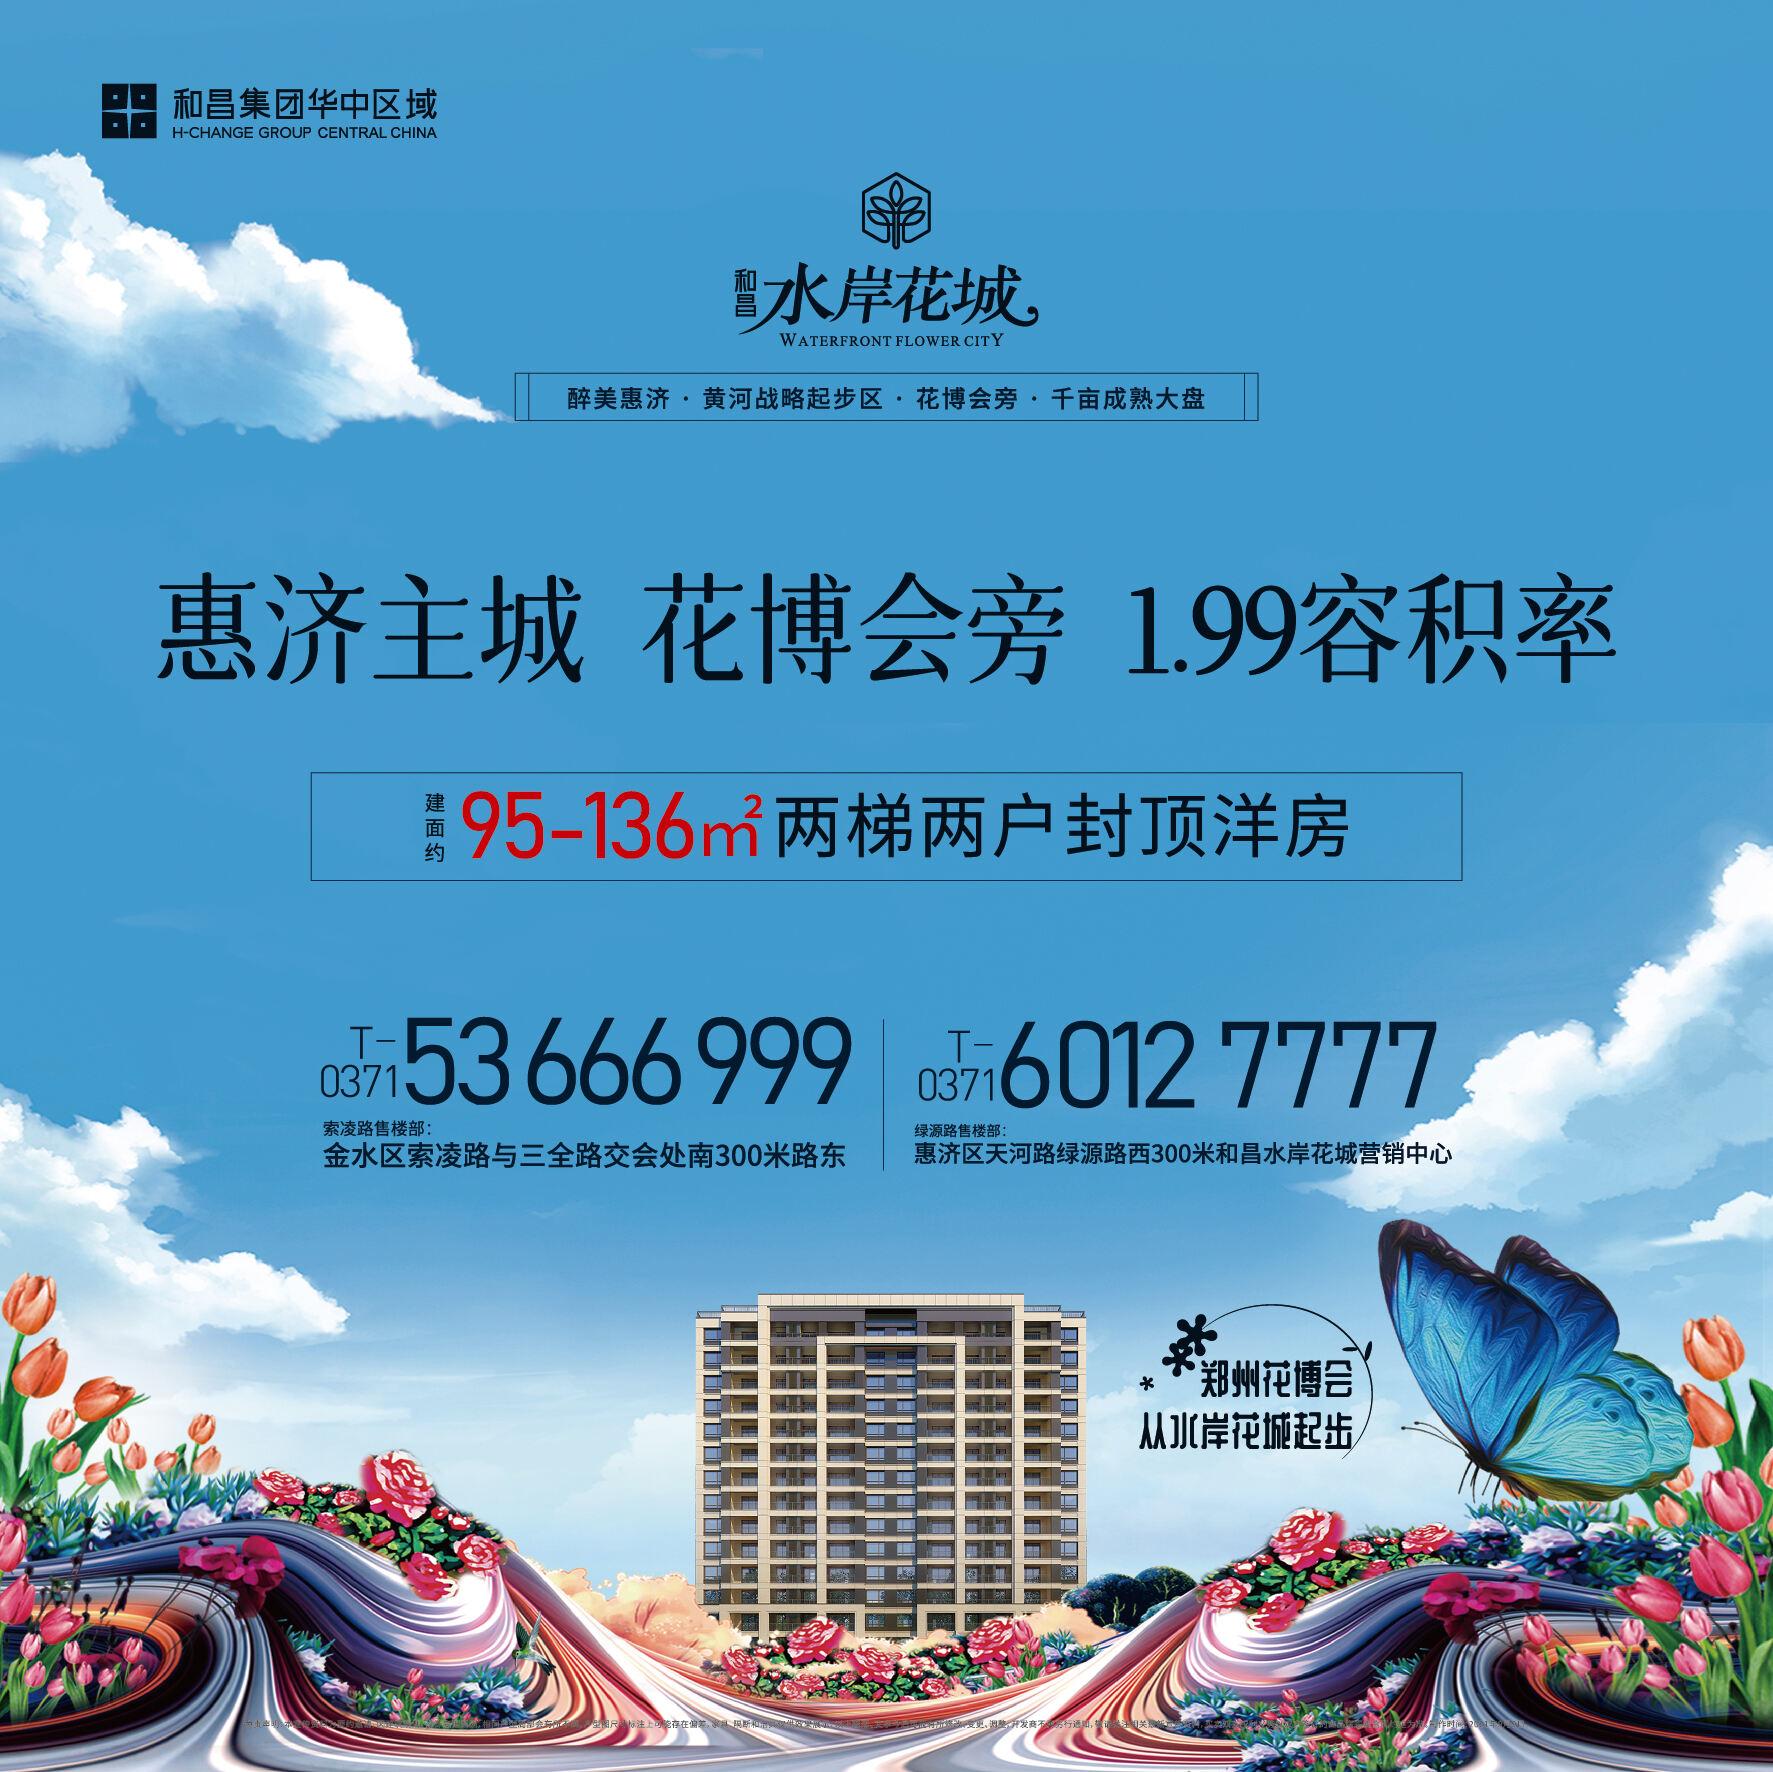 国家级盛会落笔,惠济大运河片区迎醉美蝶变